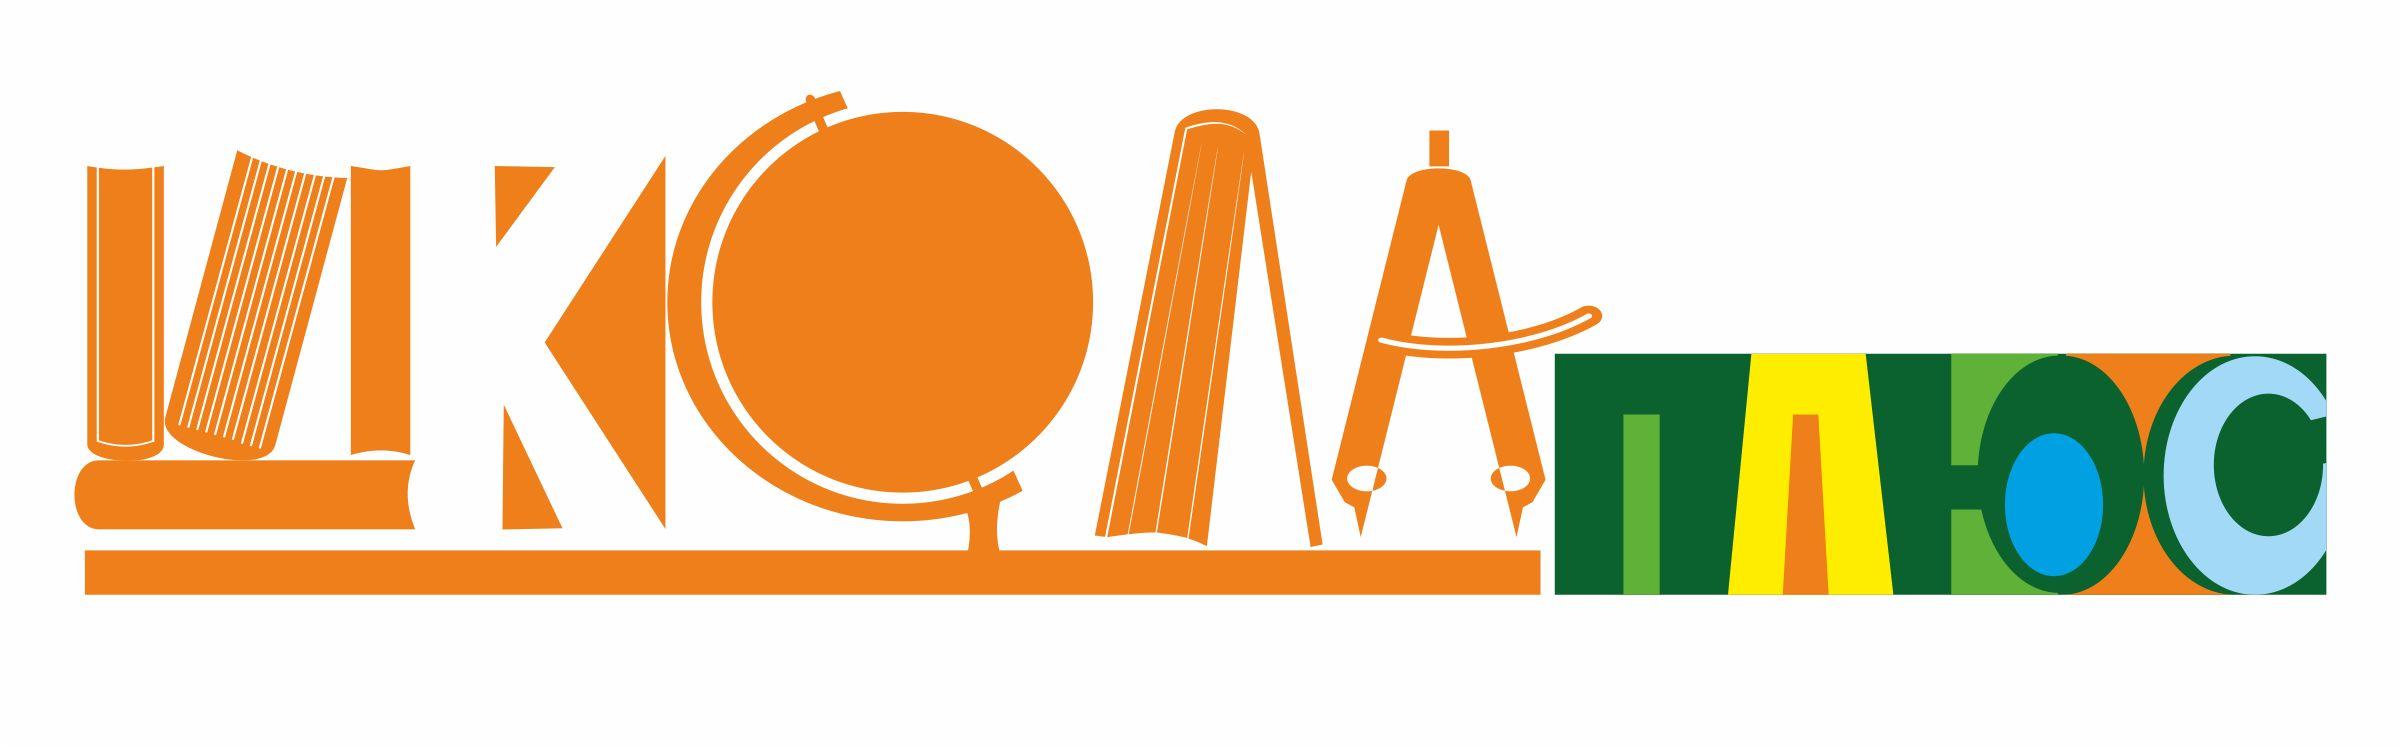 Разработка логотипа и пары элементов фирменного стиля фото f_4dadc4cef375b.jpg